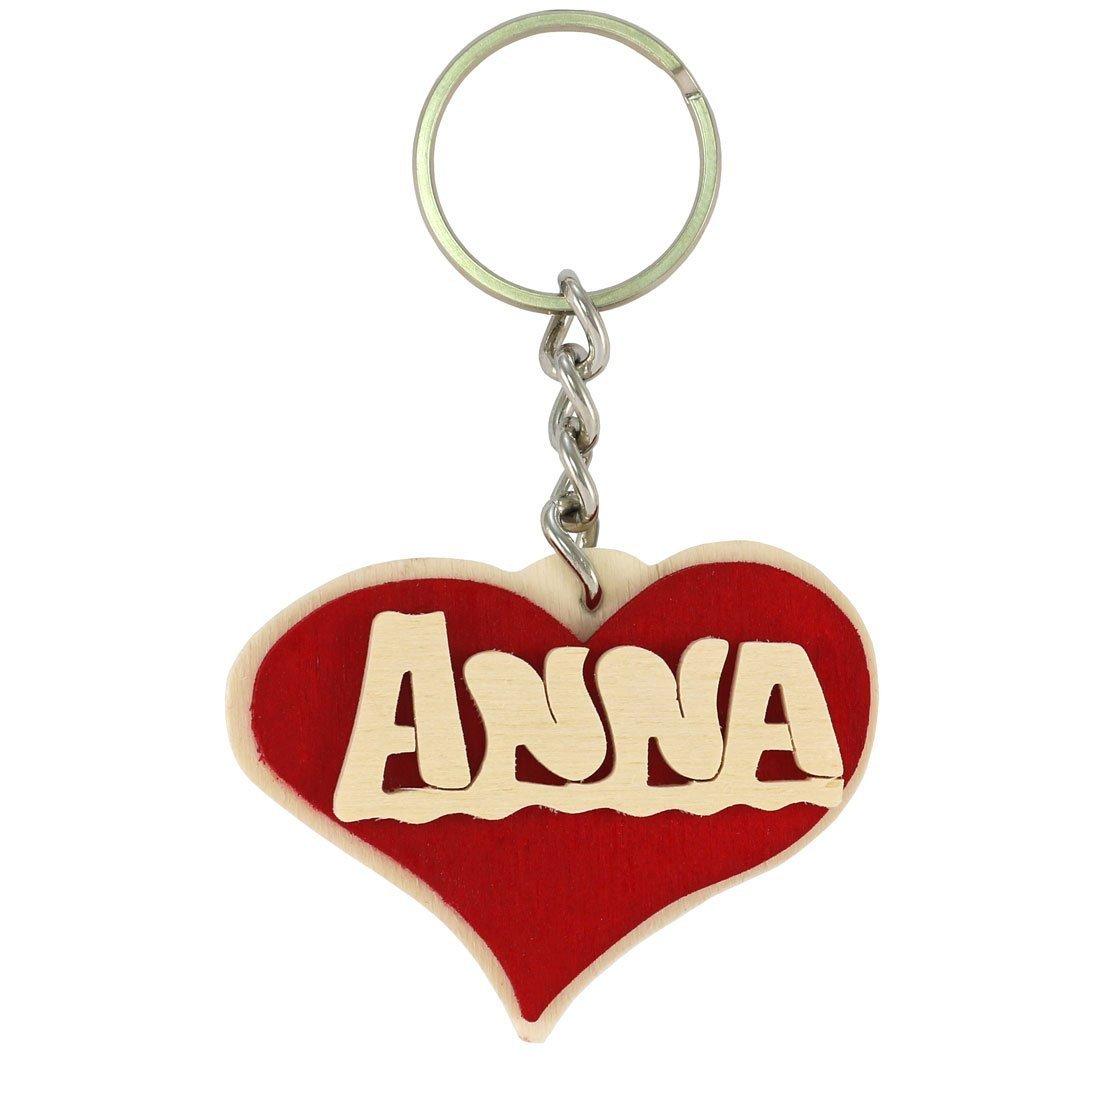 Portachiavi personalizzato in legno, fatto a mano con nome o data a forma di cuore, da indossare o per fare un regalo originale